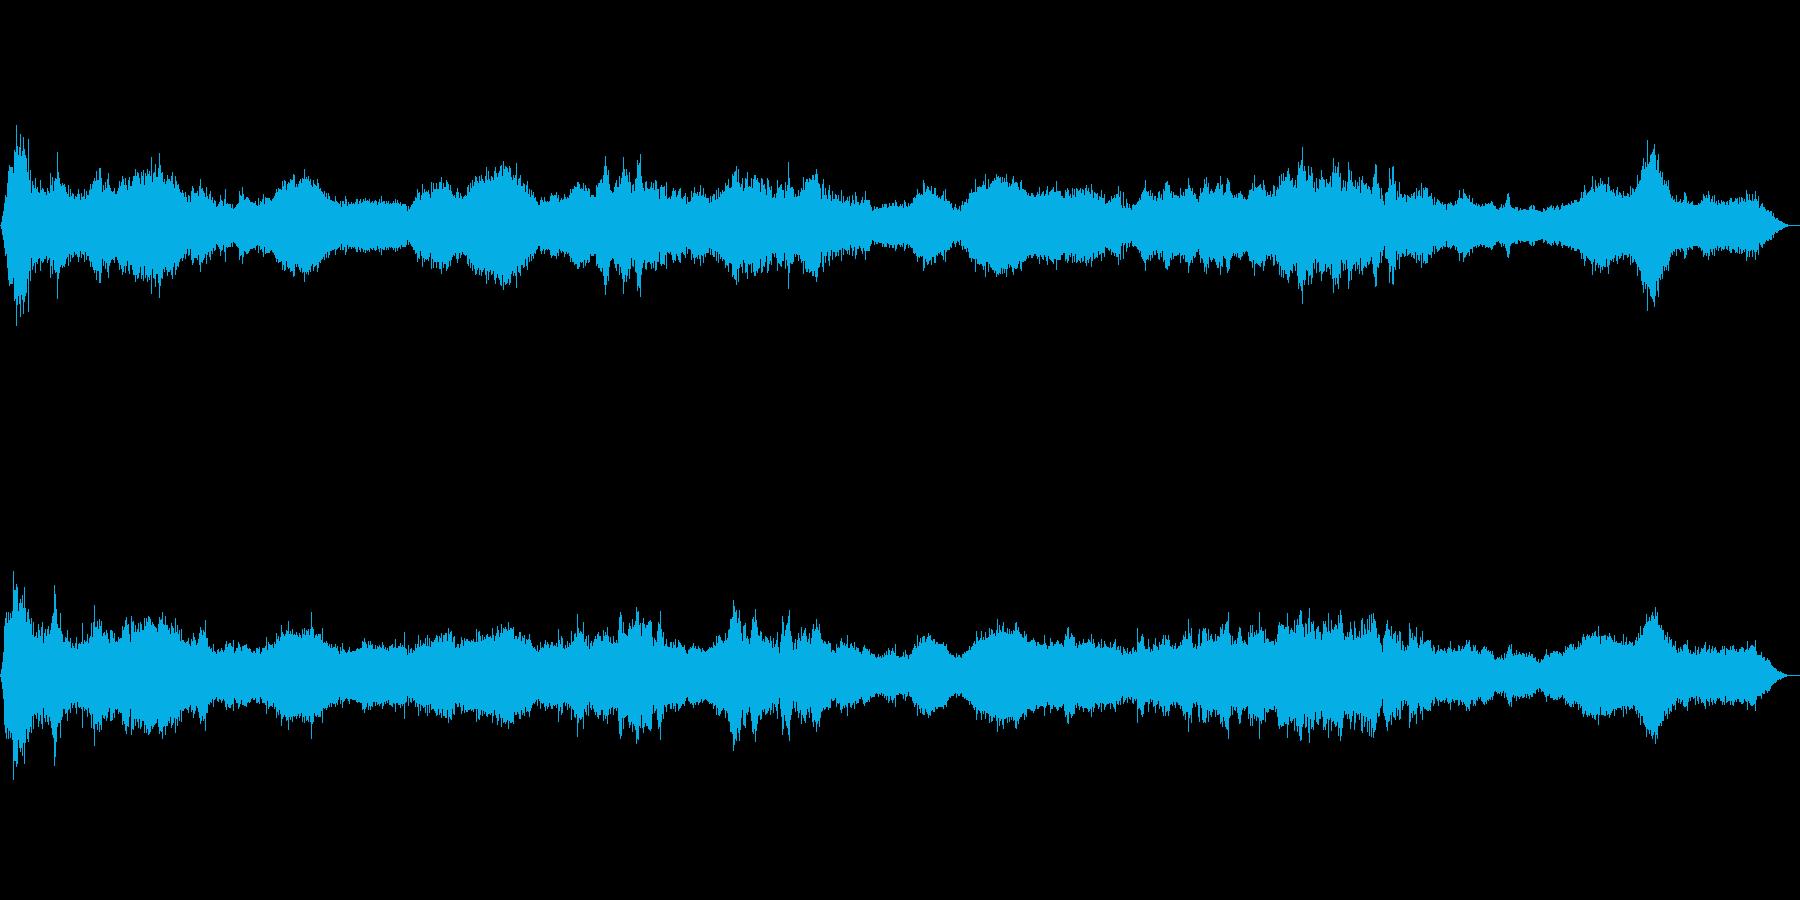 バーチャル世界の人工合成的な海岸の再生済みの波形